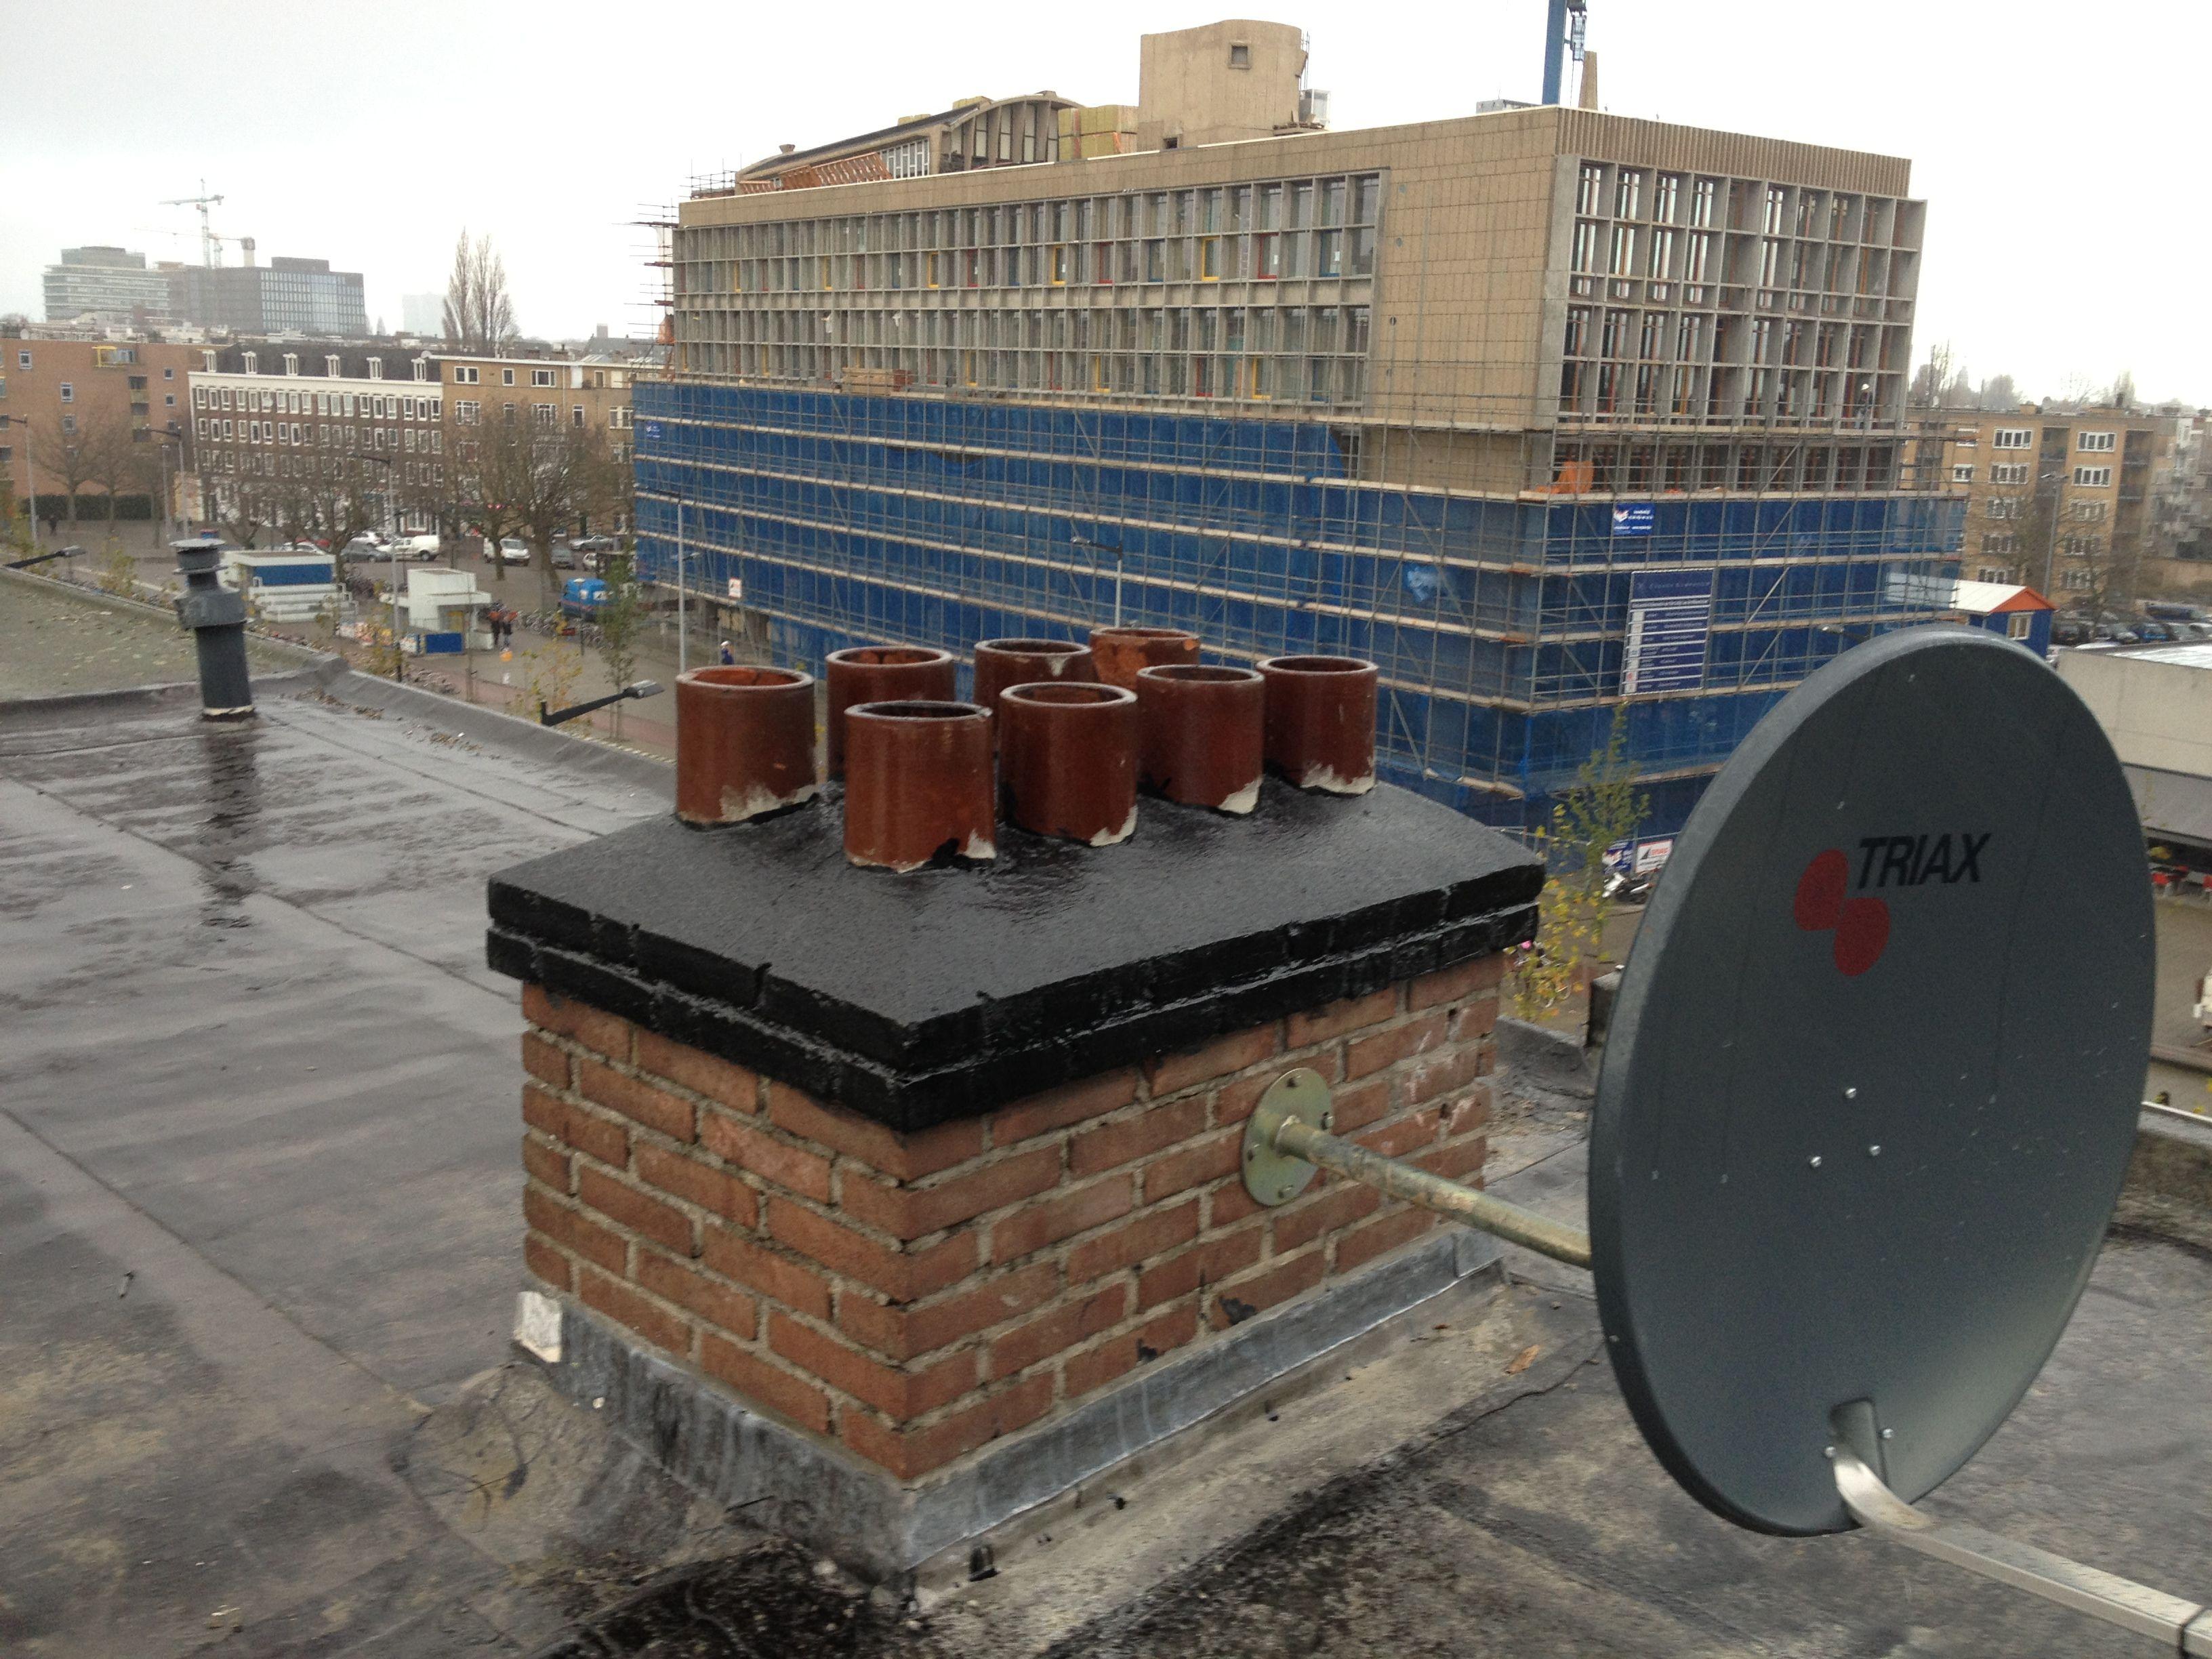 Herstel bovenzijde schoorstenen en afwerken met Sika Intertol I - Wiboutstraat - Amsterdam - November 2012